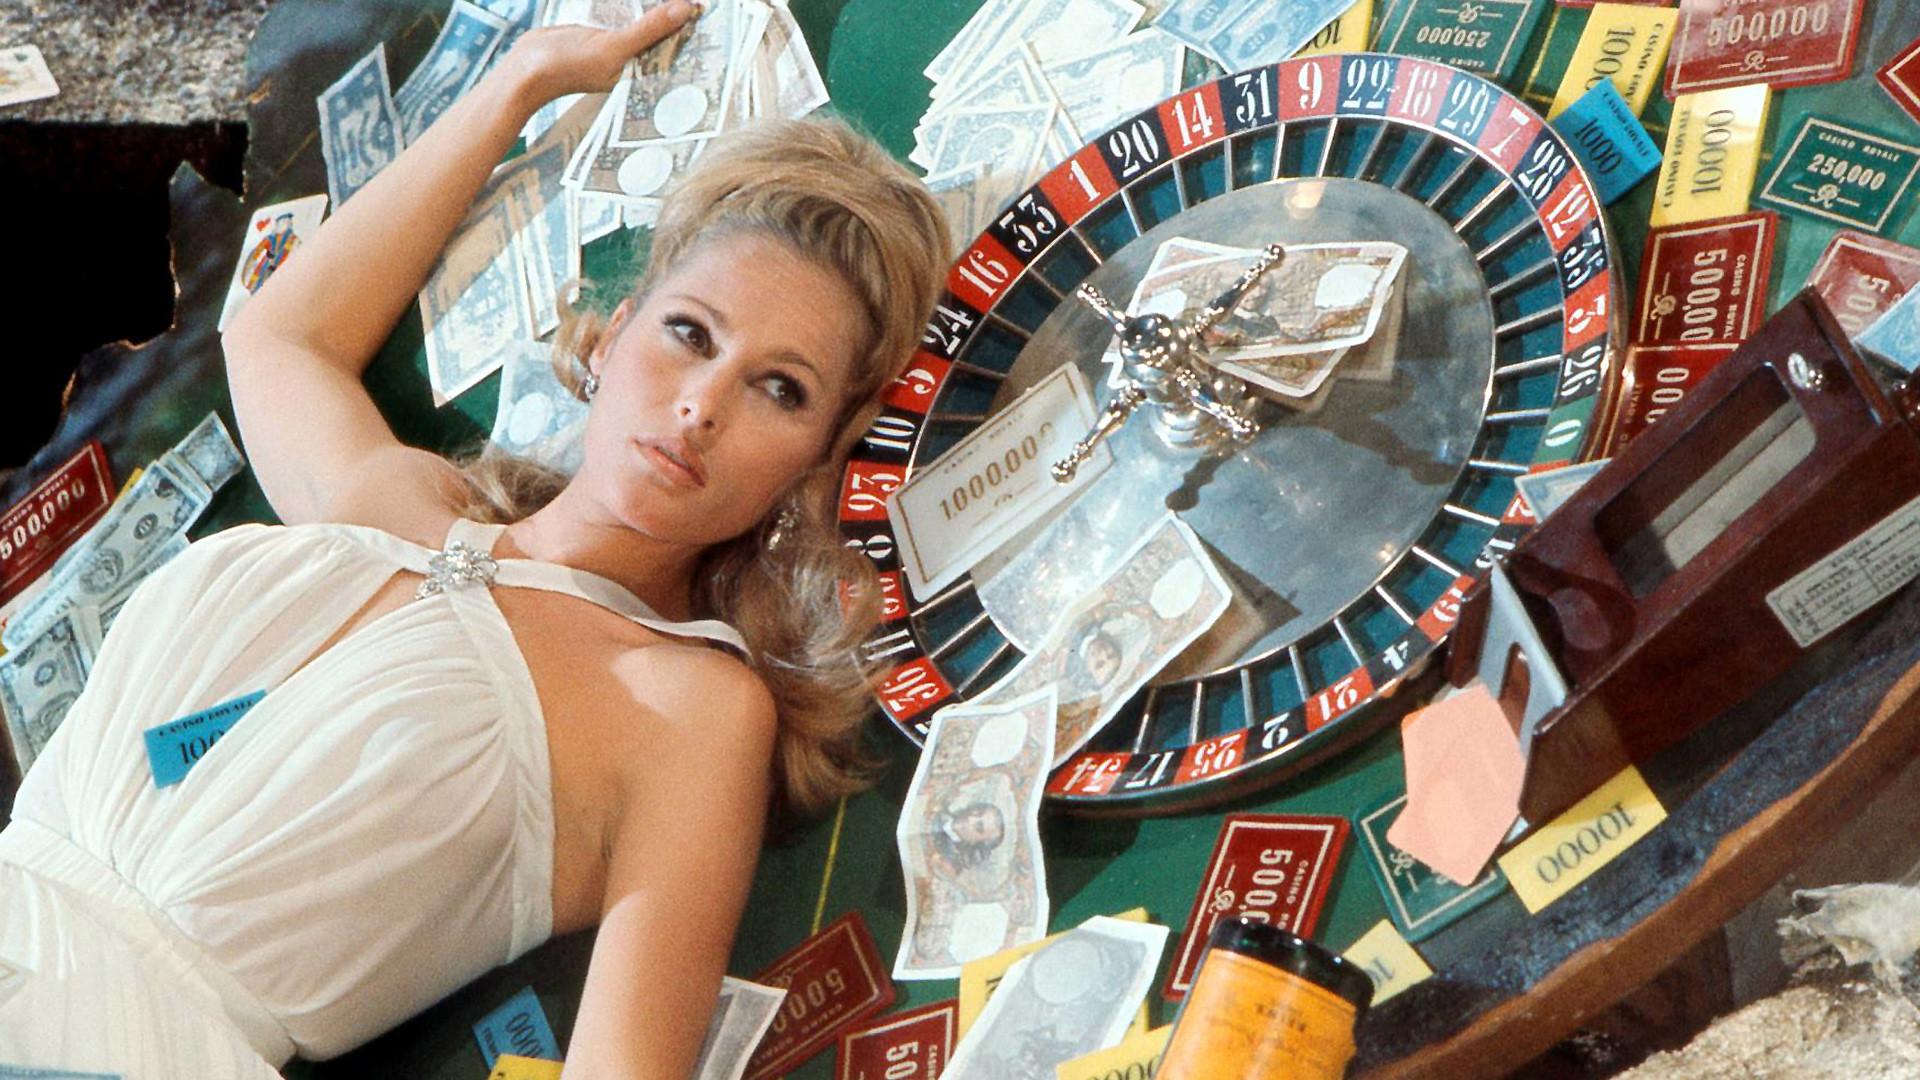 21Nova casinos los mejores online en español-942211